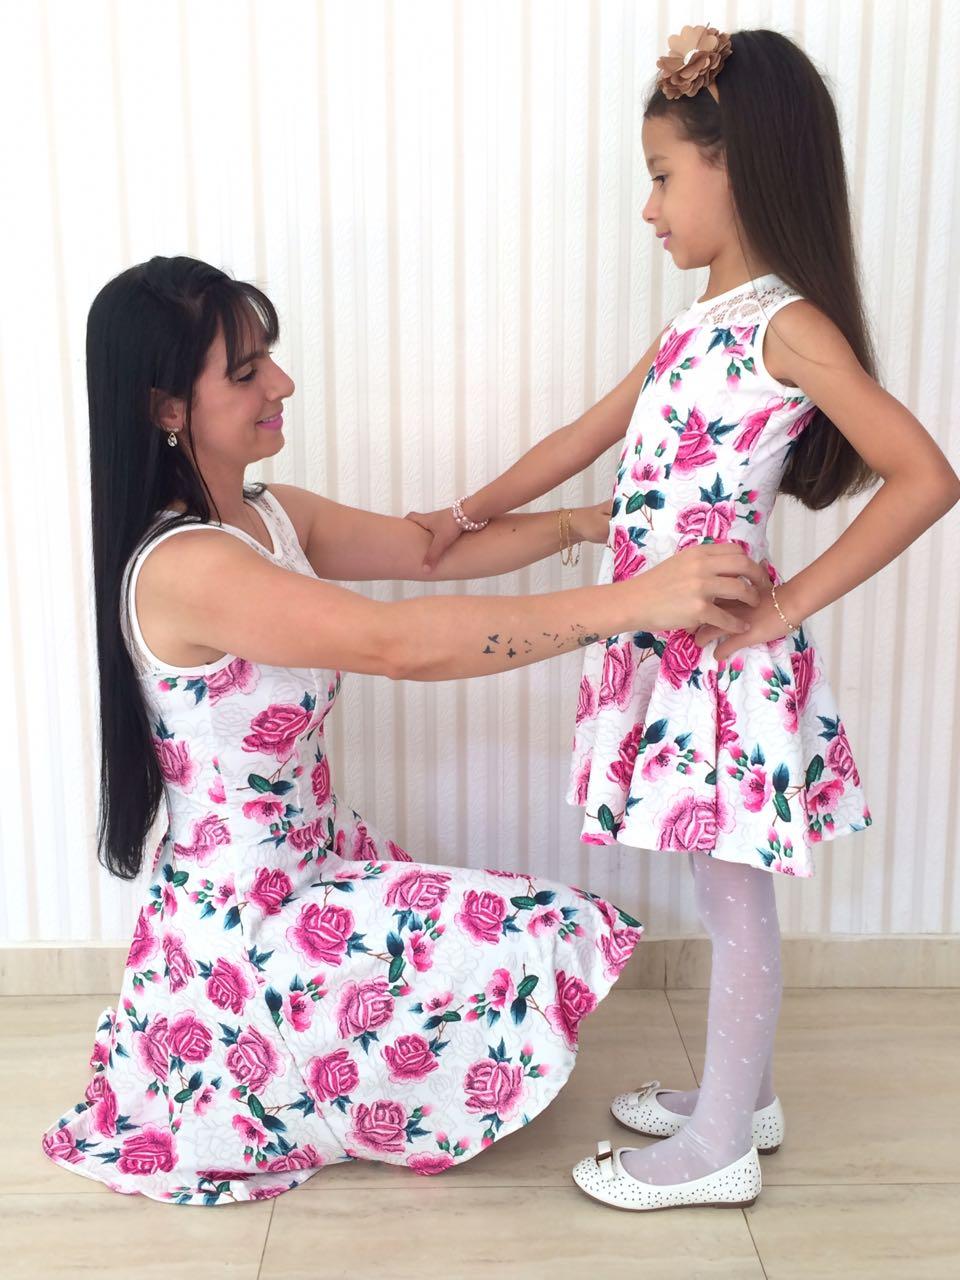 61f22b56df7aee Moda 'tal mãe, tal filha' é opção fashion para presente no dia das ...